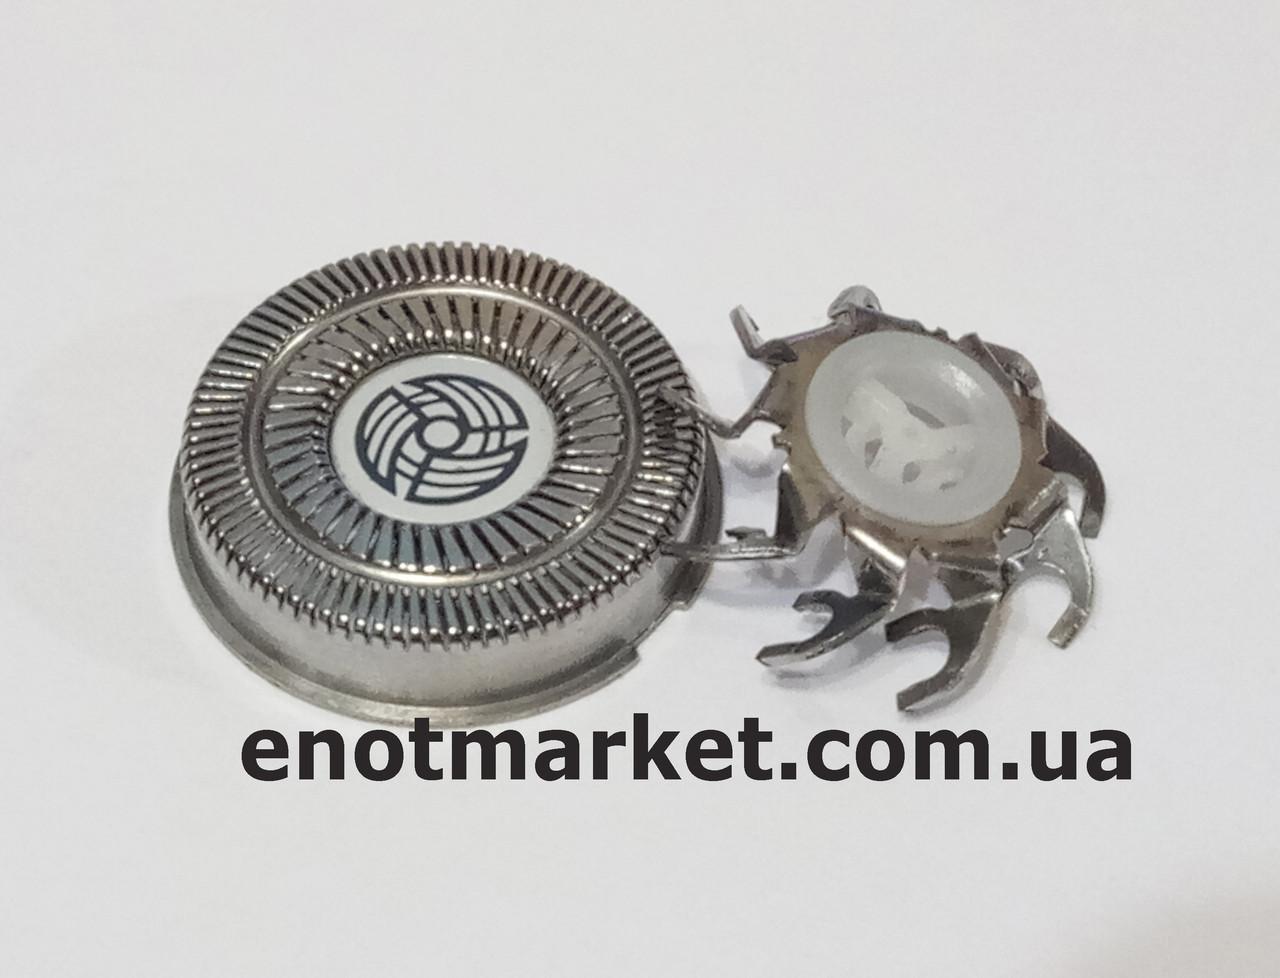 Бритвенная головка (комплект: 1 сеточка + 1 лезвие) для электробритвы Philips (аналог) серии HQ, HS, HP